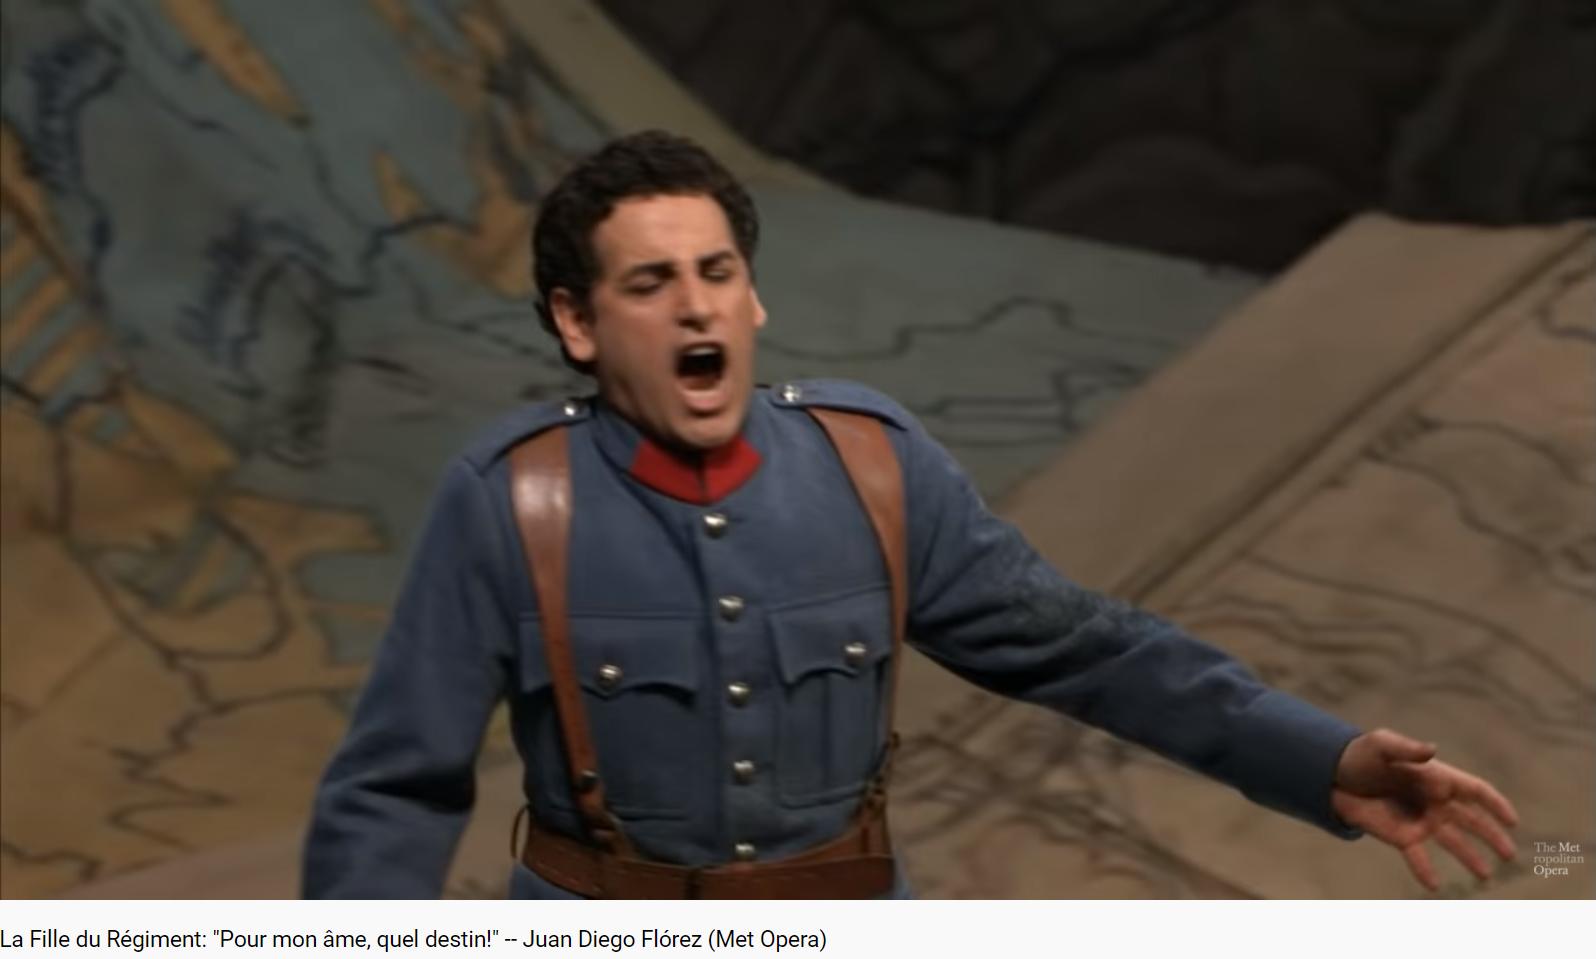 Donizetti La Fille du régiment pour mon âme quel destin